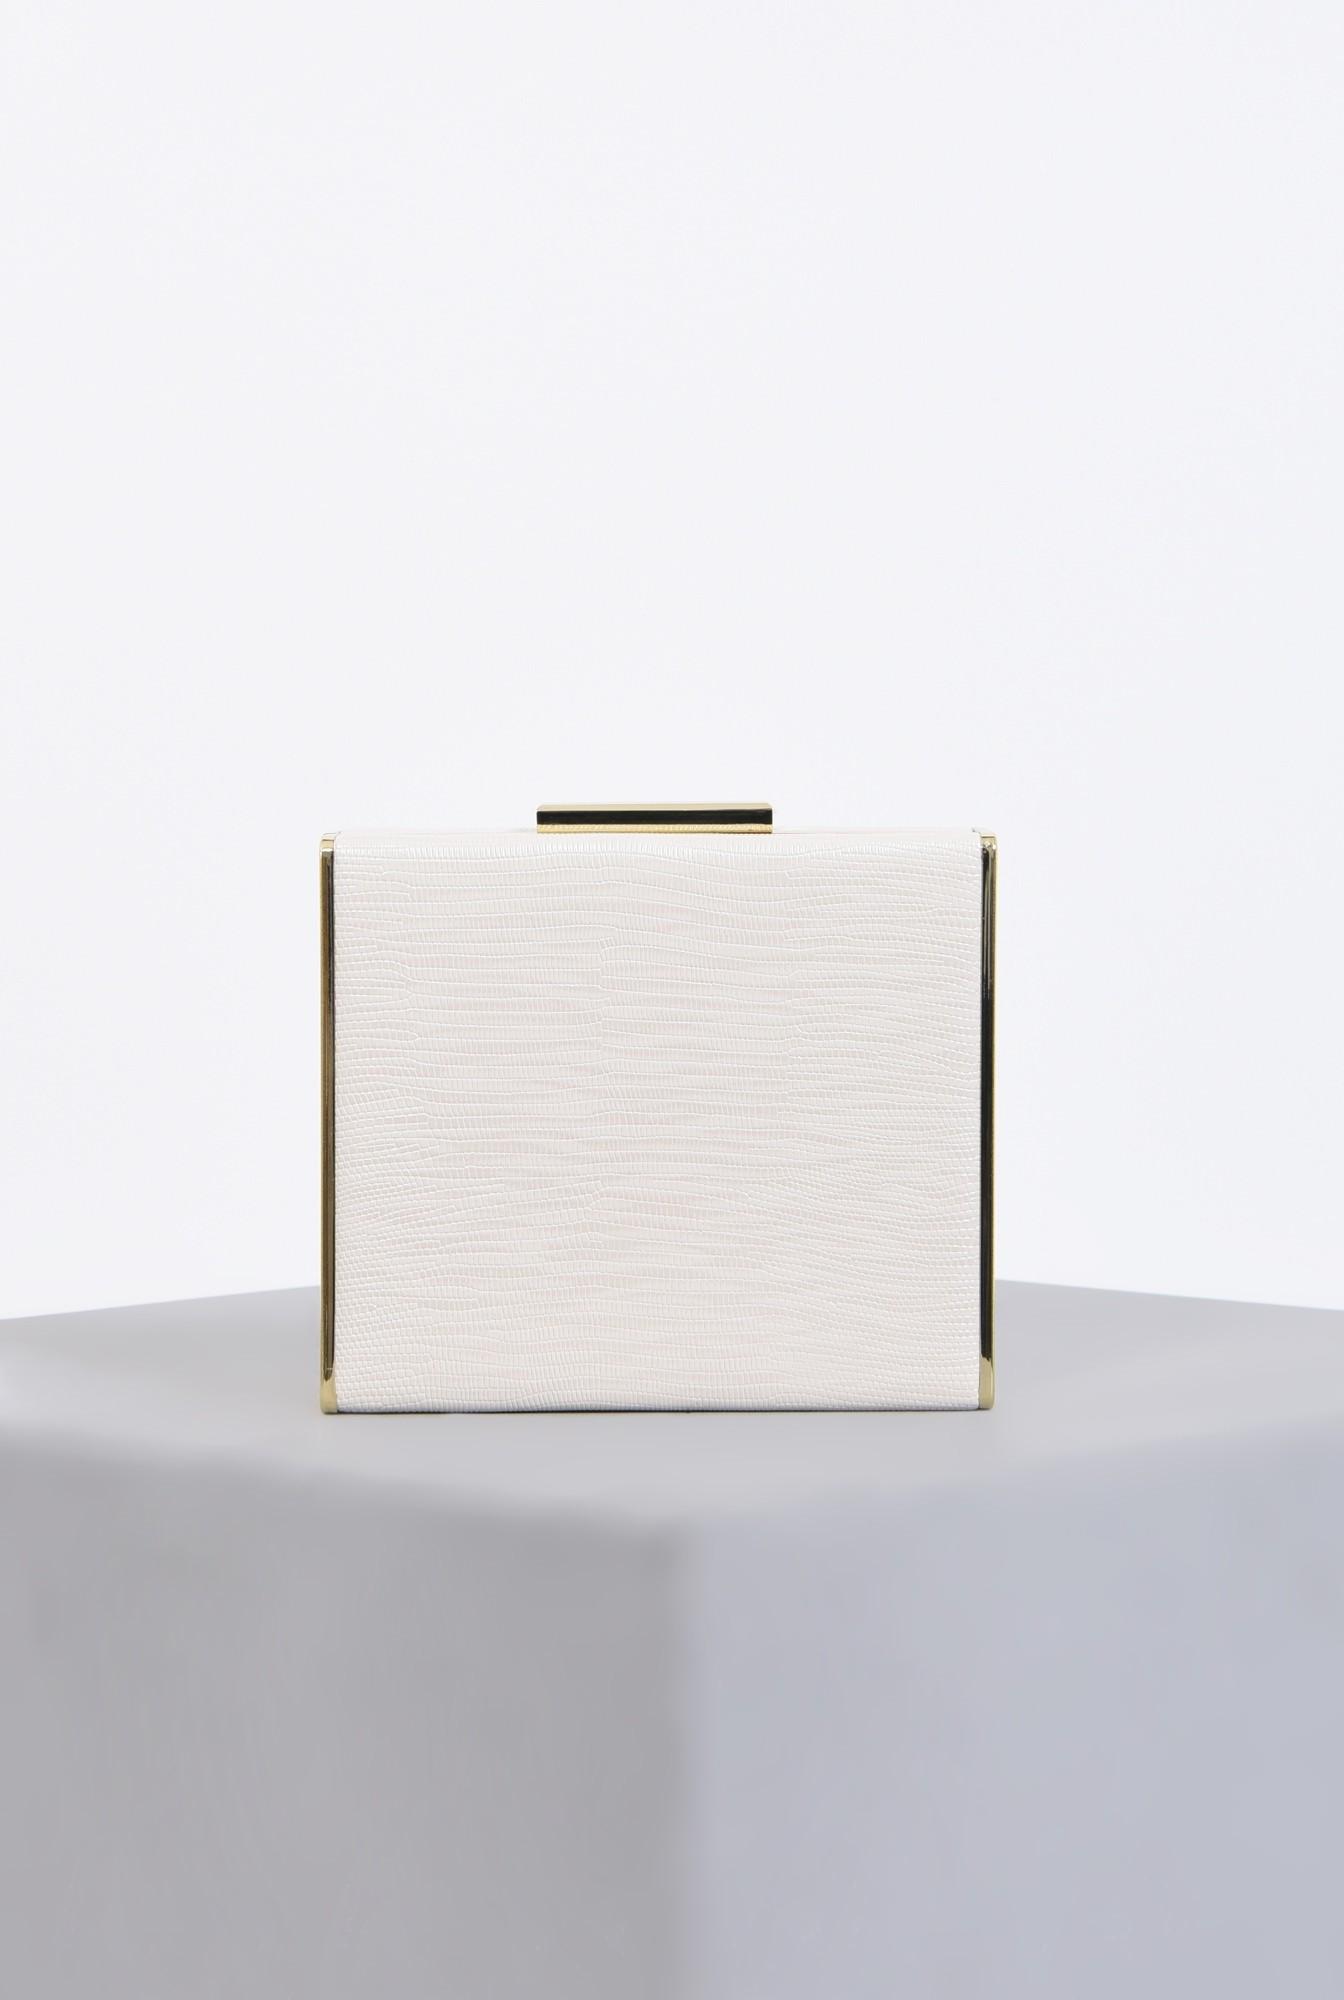 0 - clutch alb, auriu, accesorii, lant